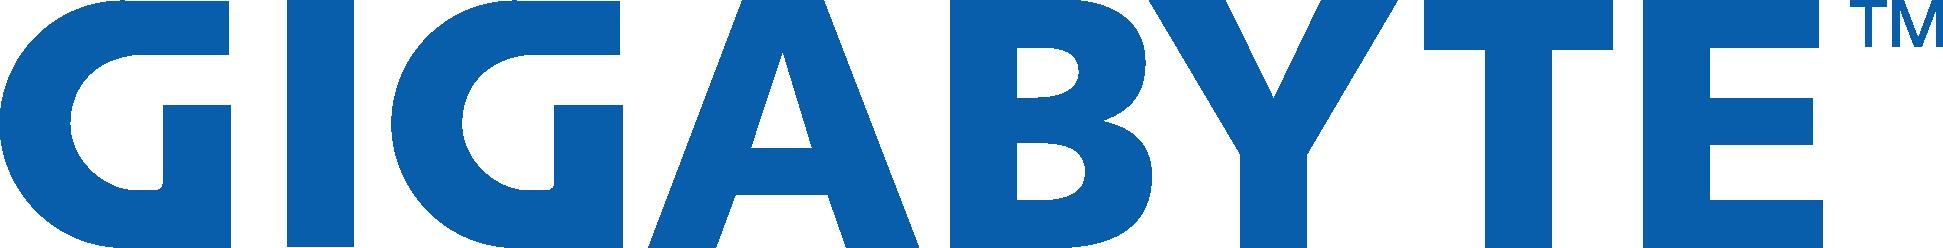 Gigabyte Logo png